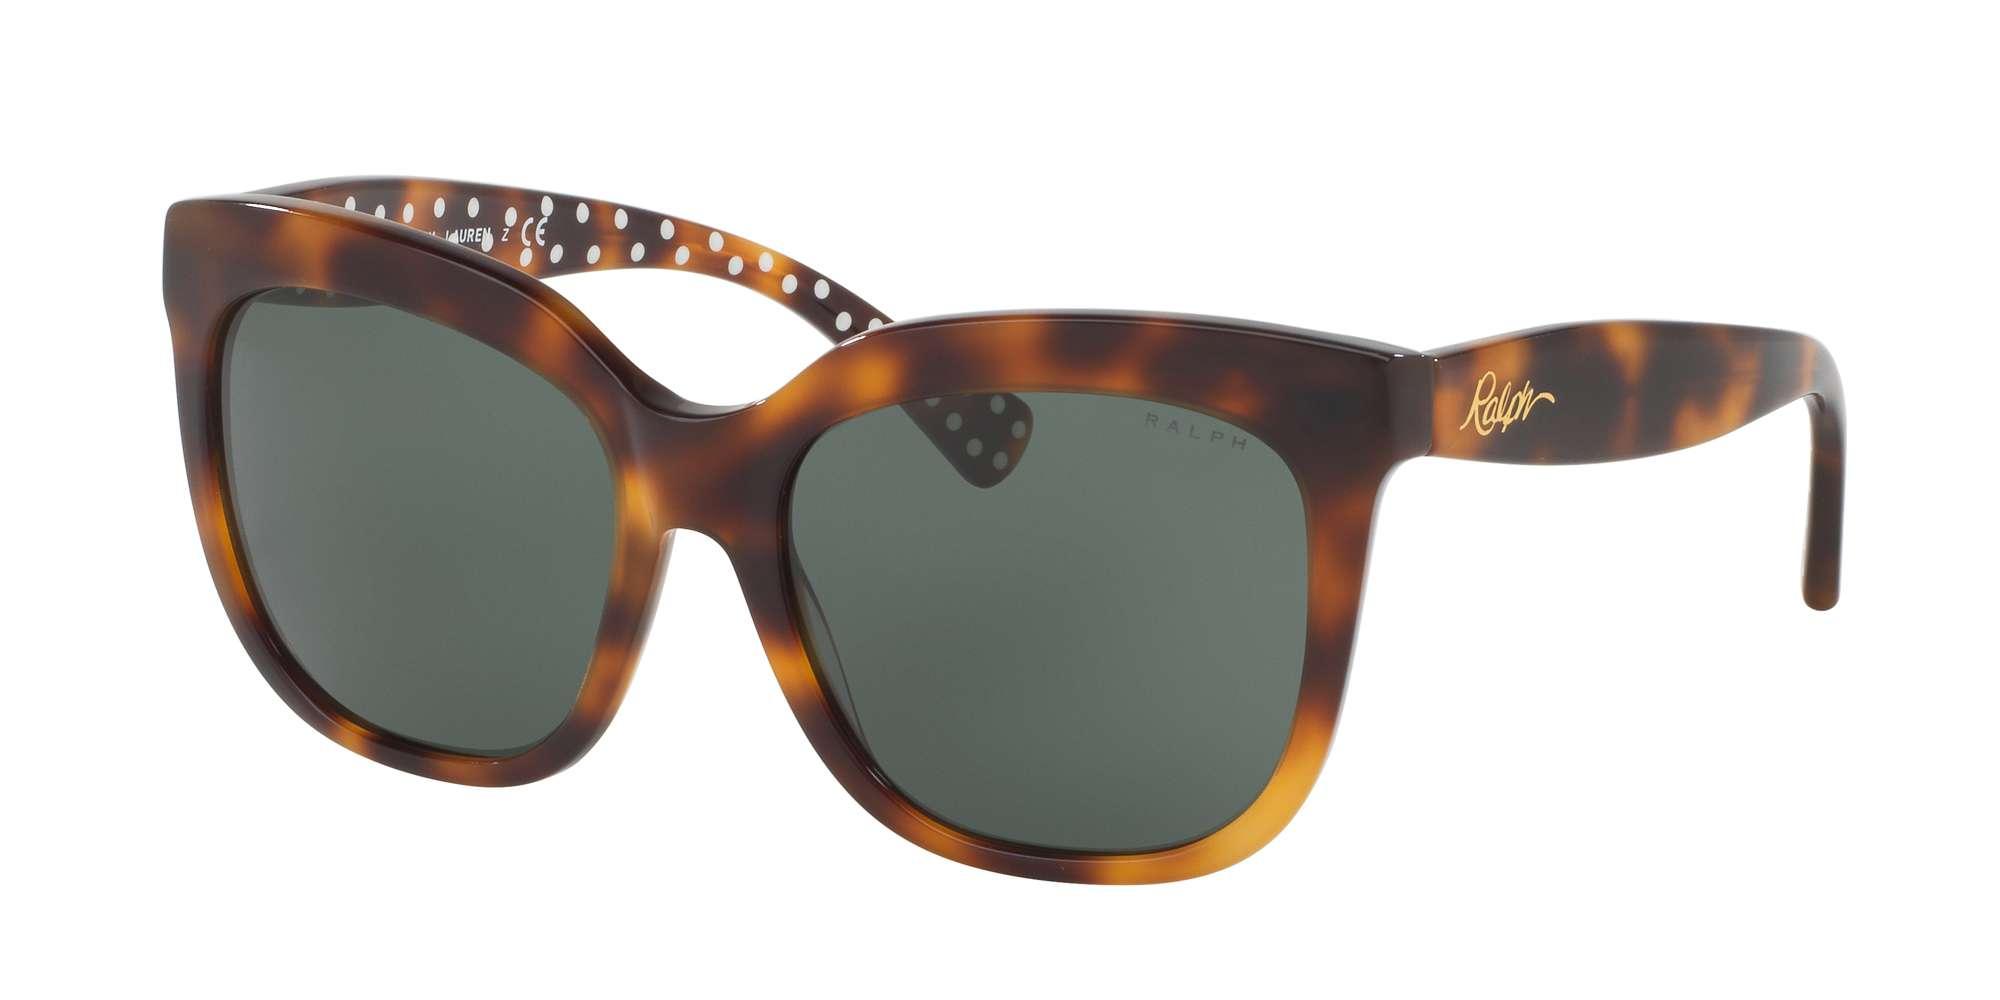 TORTOISE / GREEN SOLID lenses